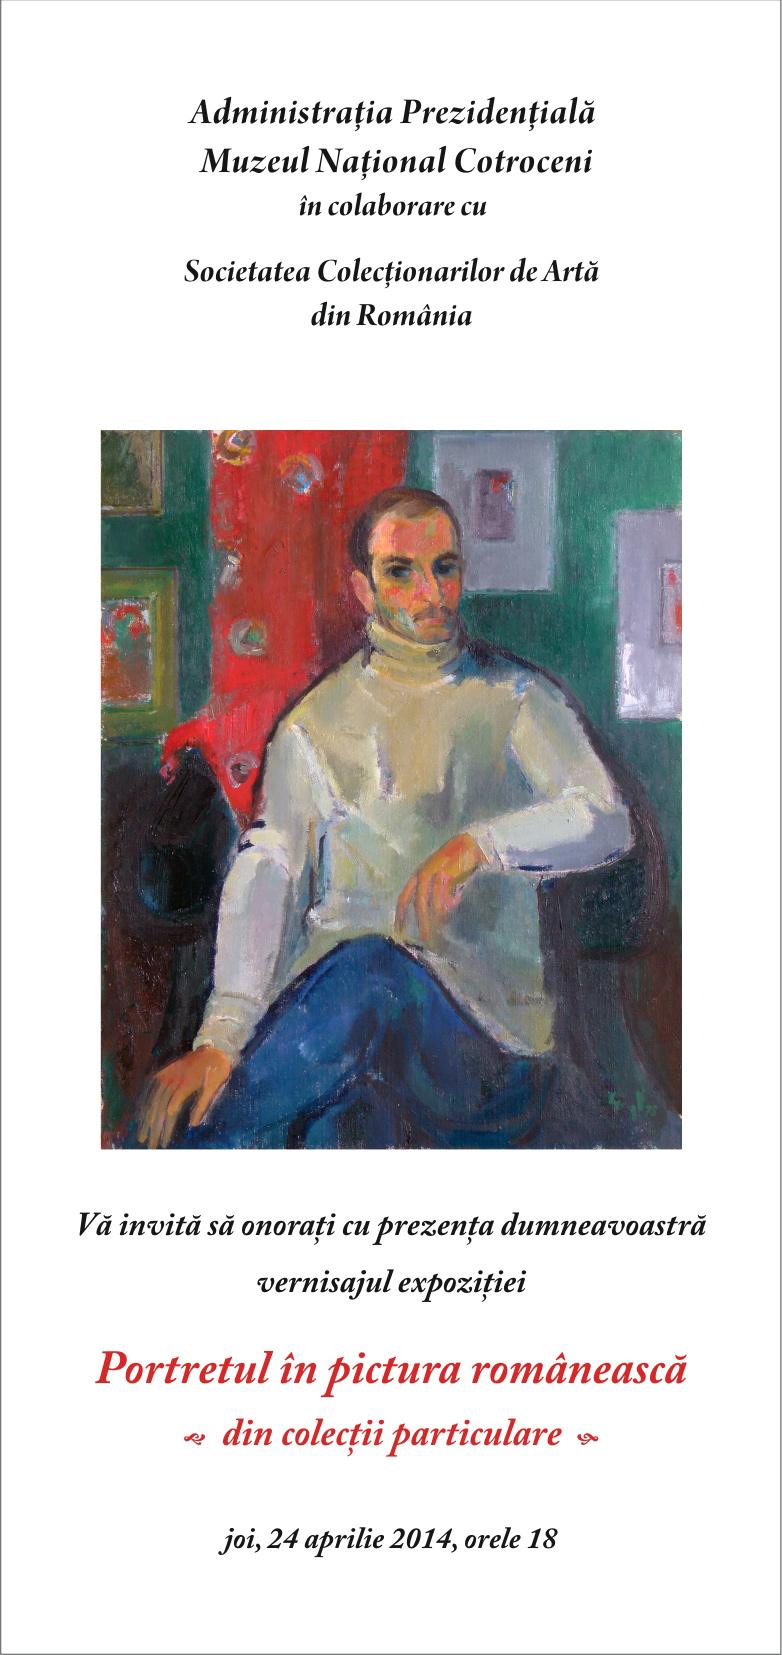 Portretul în pictura românească din colecţii particulare la Muzeul Naţional Cotroceni